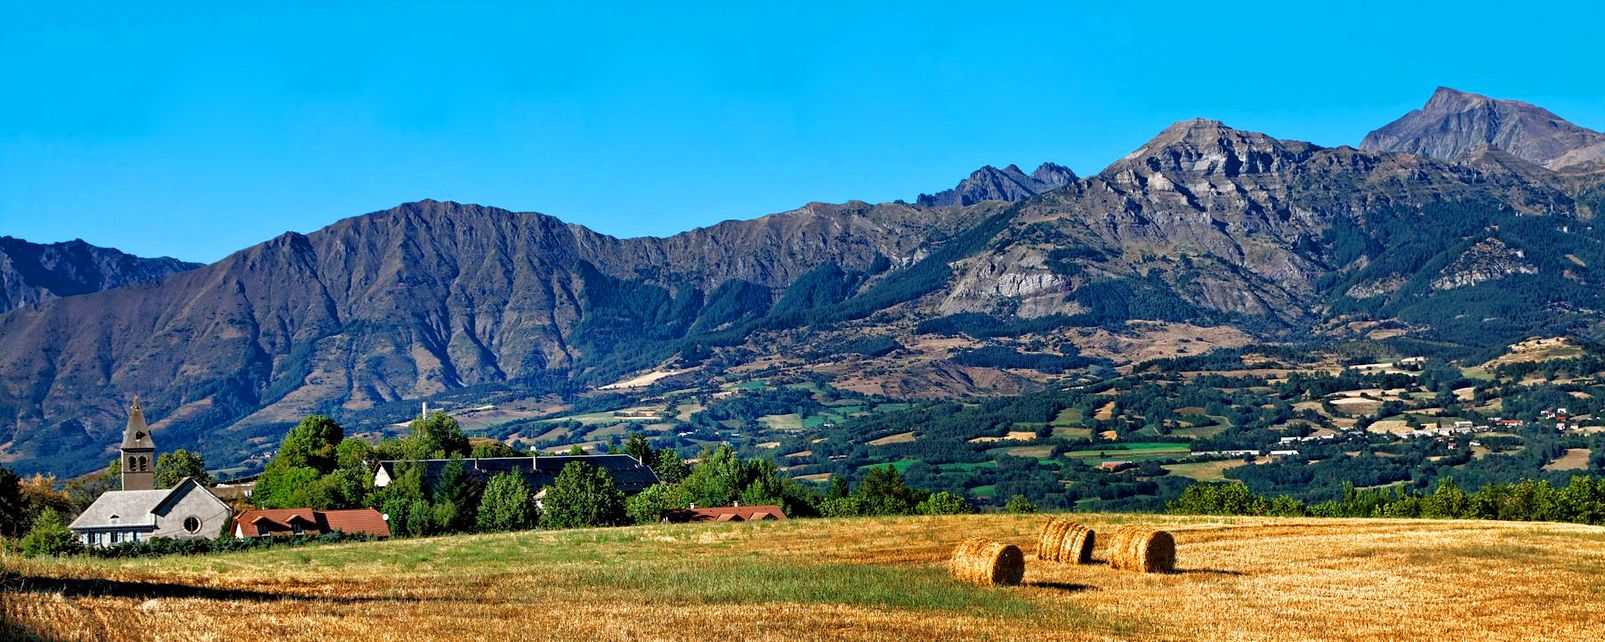 La faune et la flore, Pays des Ecrins, Provence Alpes Côte d'Azur, France, Europe, village, montagne, Alpes, église